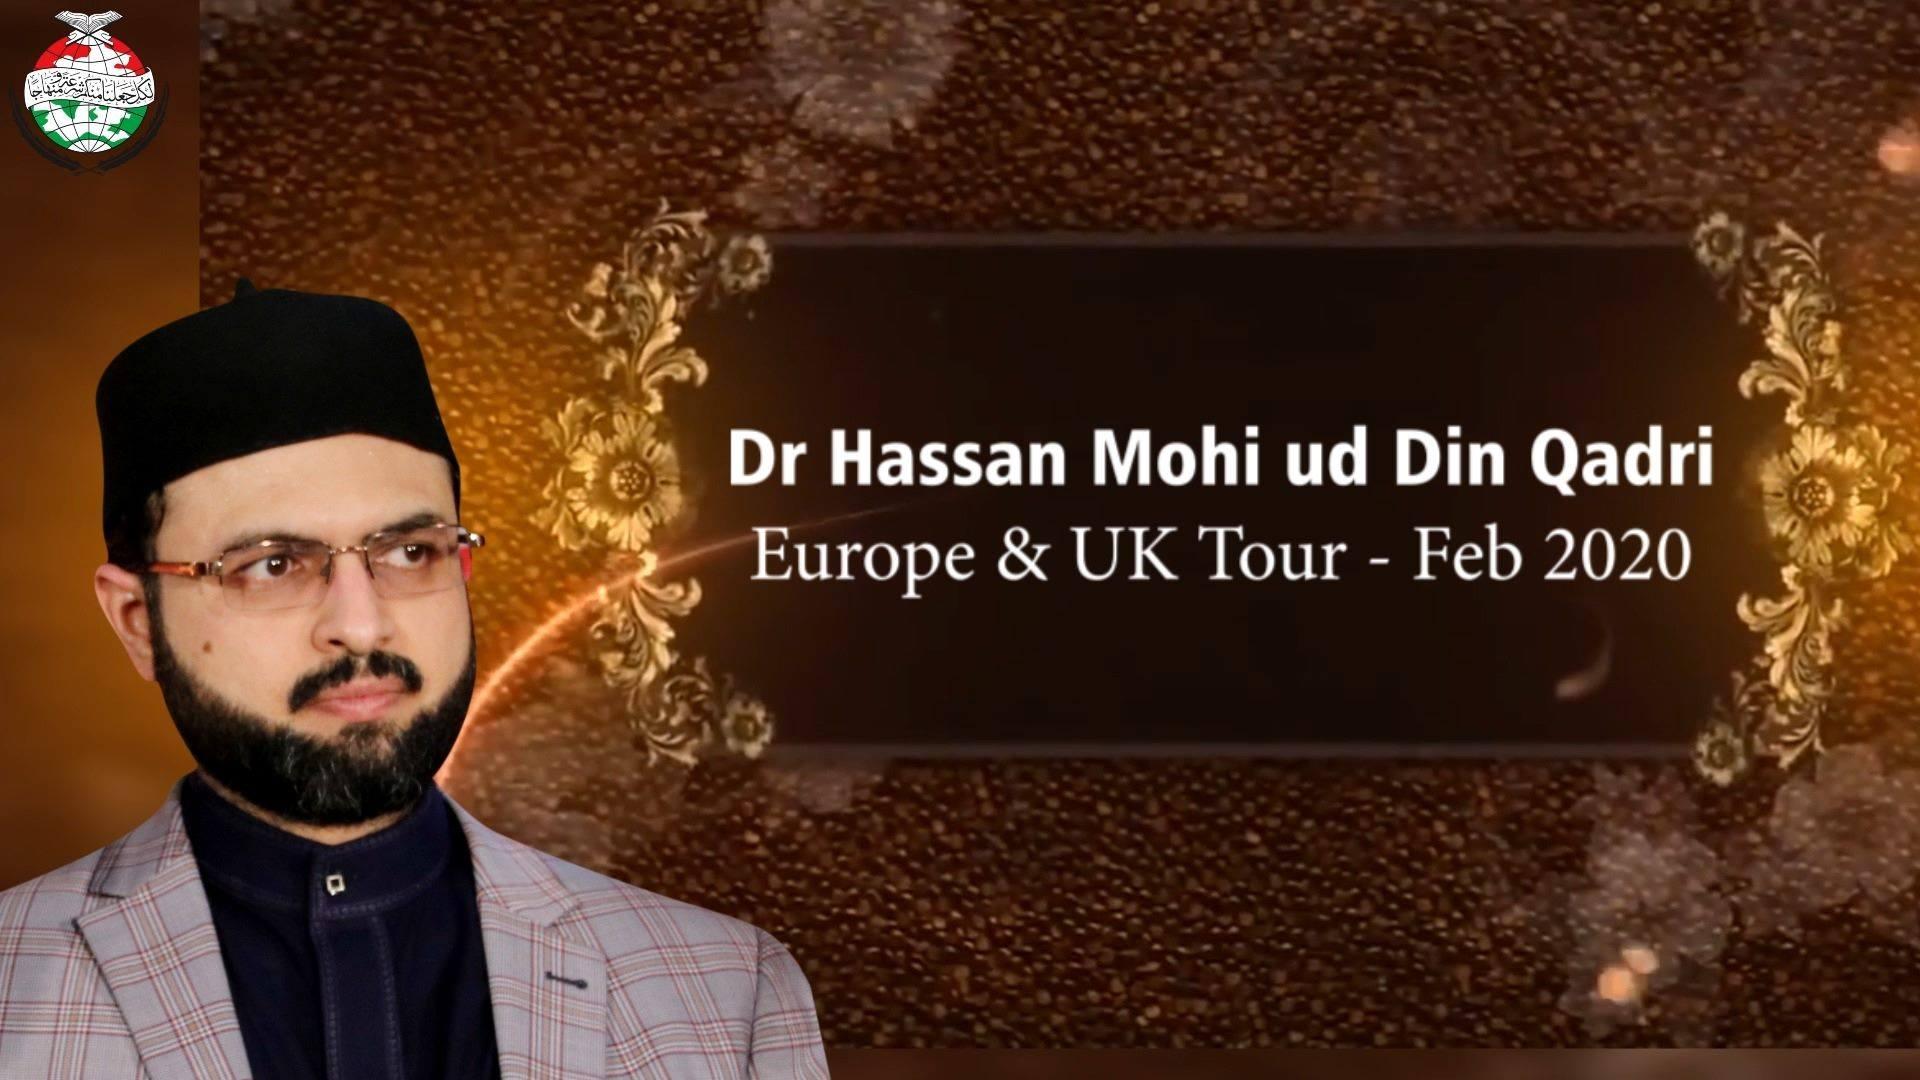 ڈاکٹر حسن محی الدین قادری کے دورہ یورپ اور یوکے کی جھلکیاں